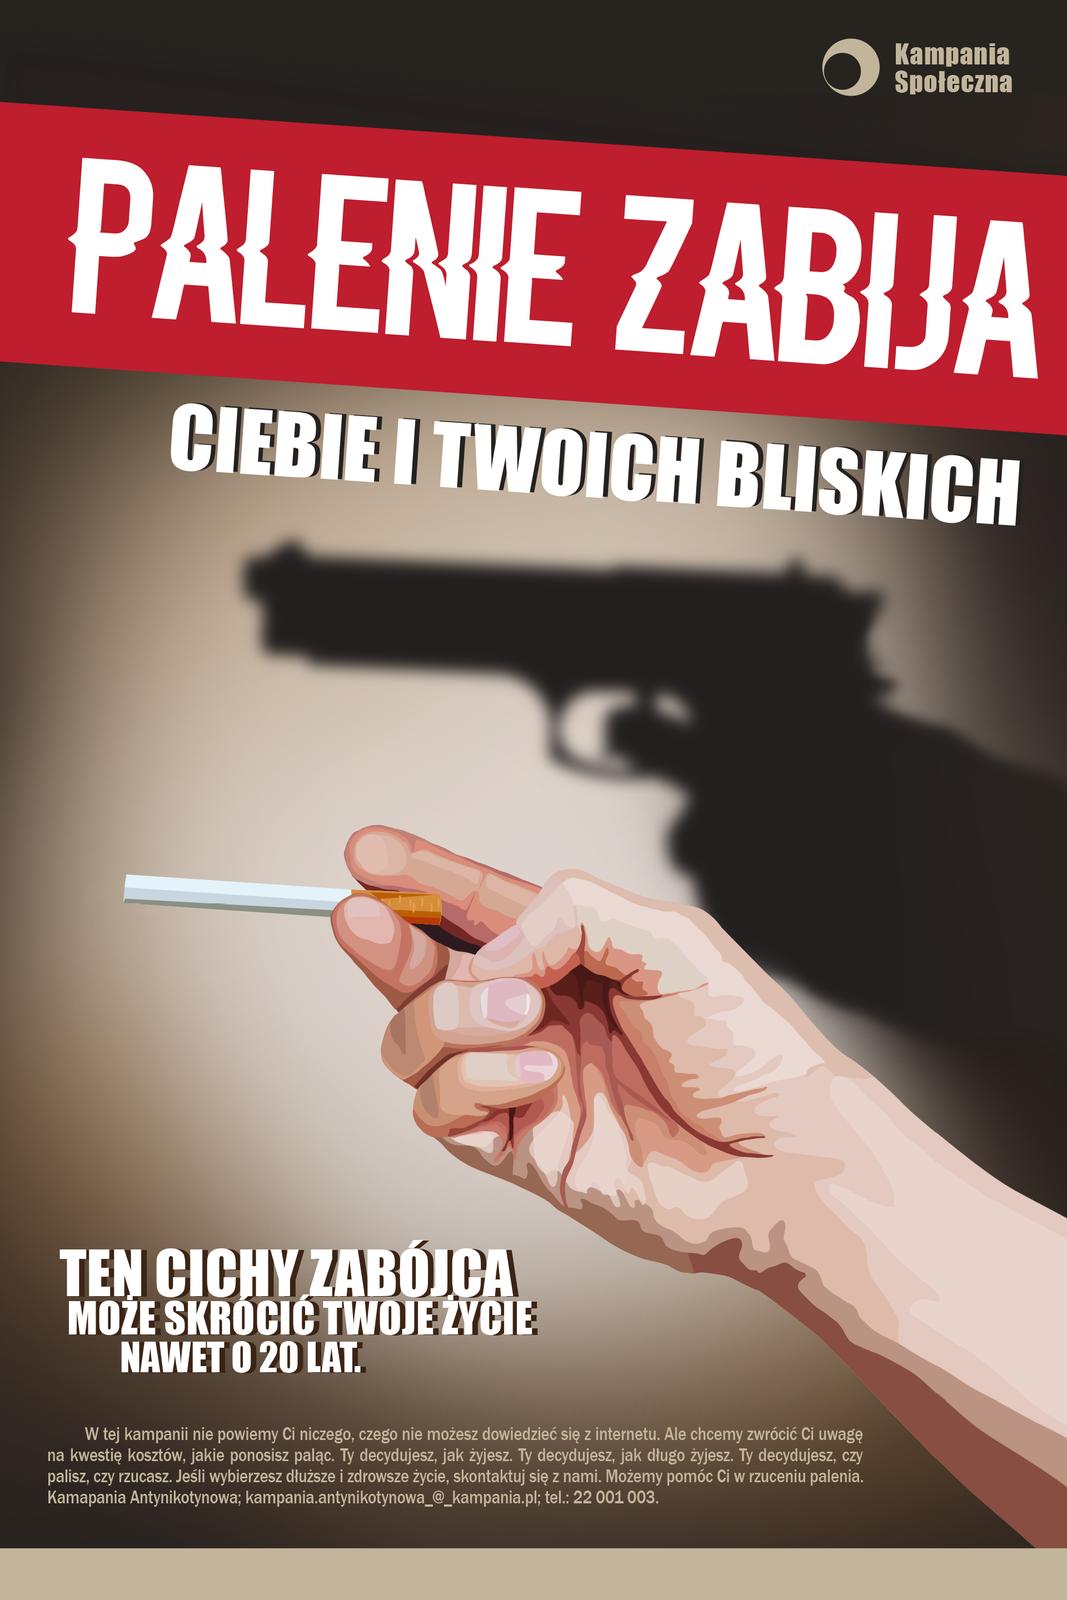 Grafika przedstawiająca plakat Kampanii antynikotynowej